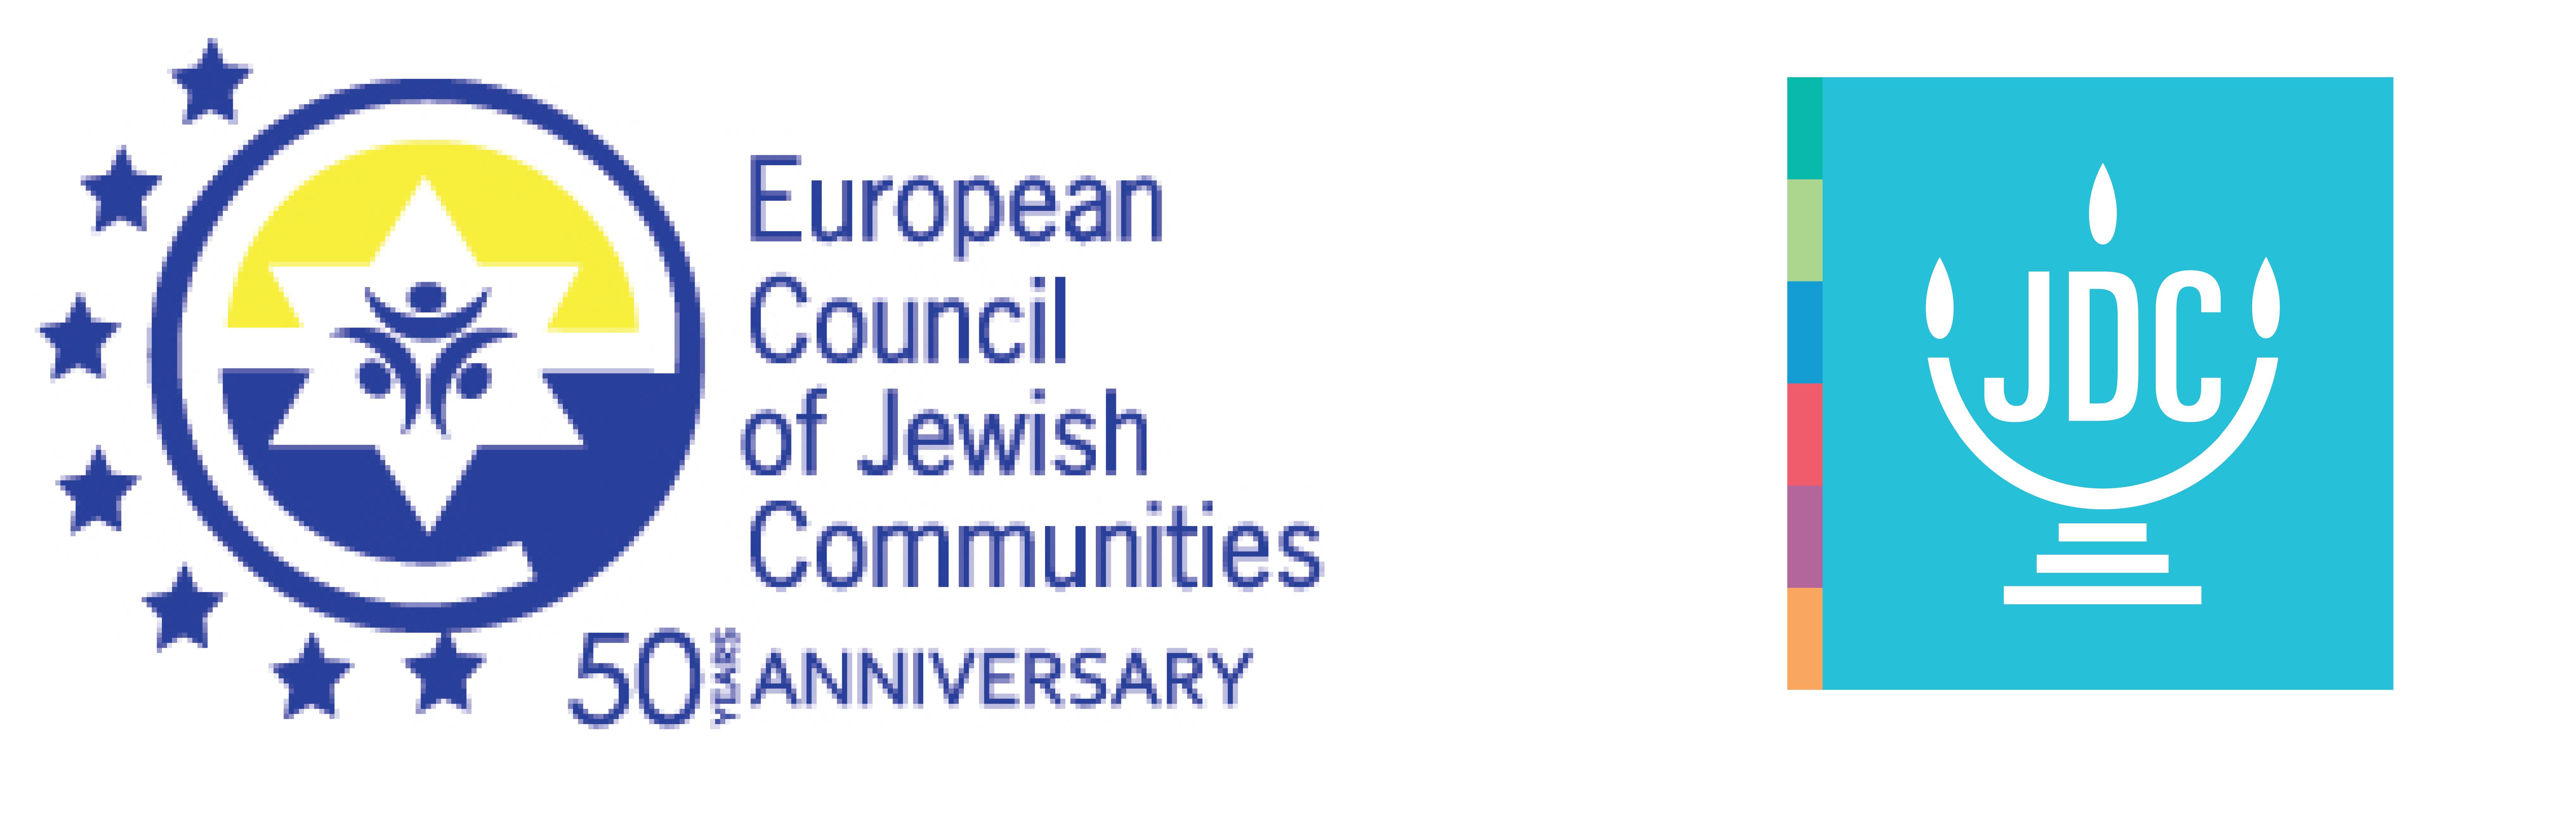 logos pie ECJC JDC